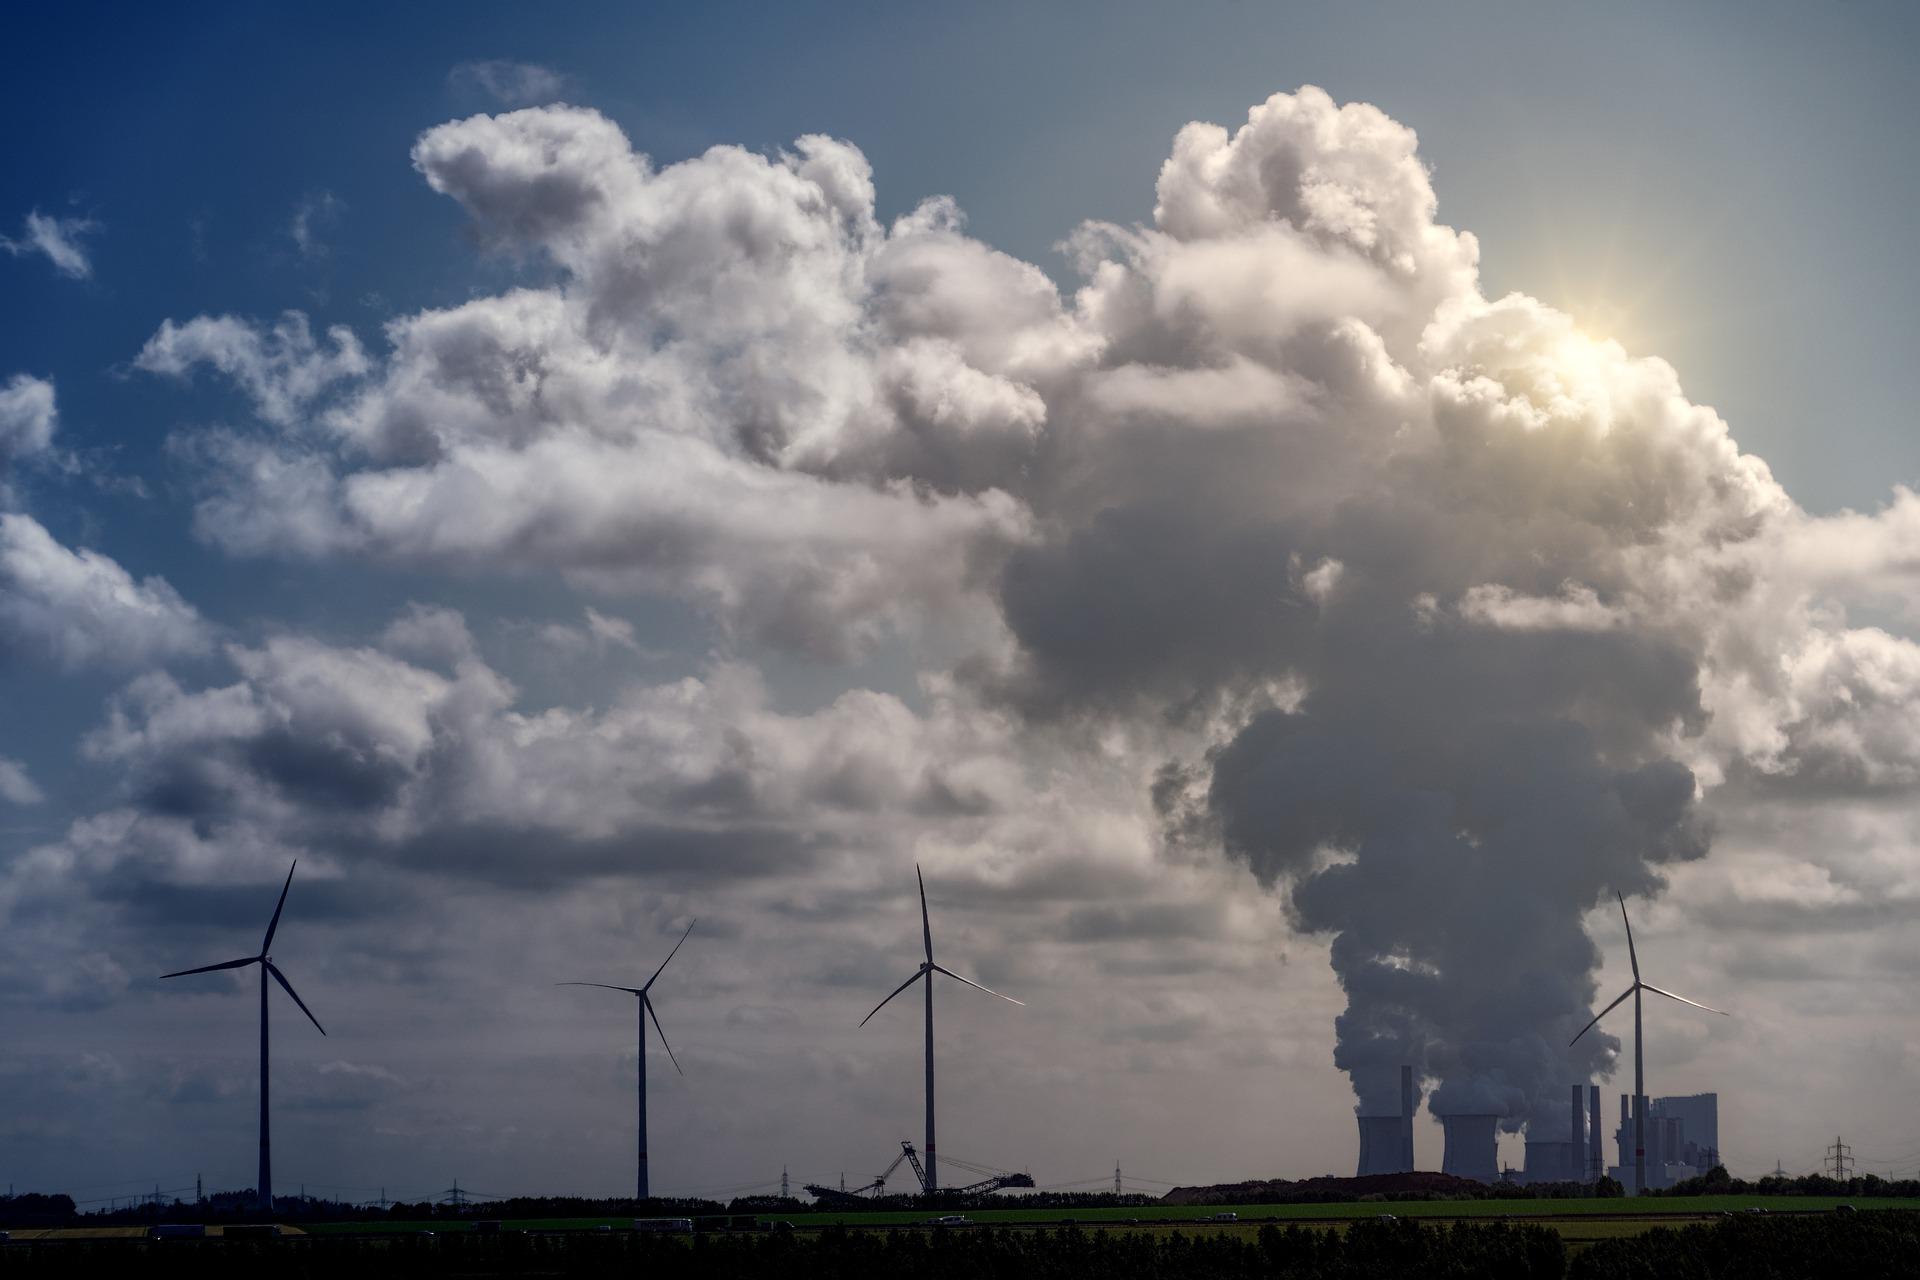 Le charbon représente 77% de la production d'électricité en Pologne